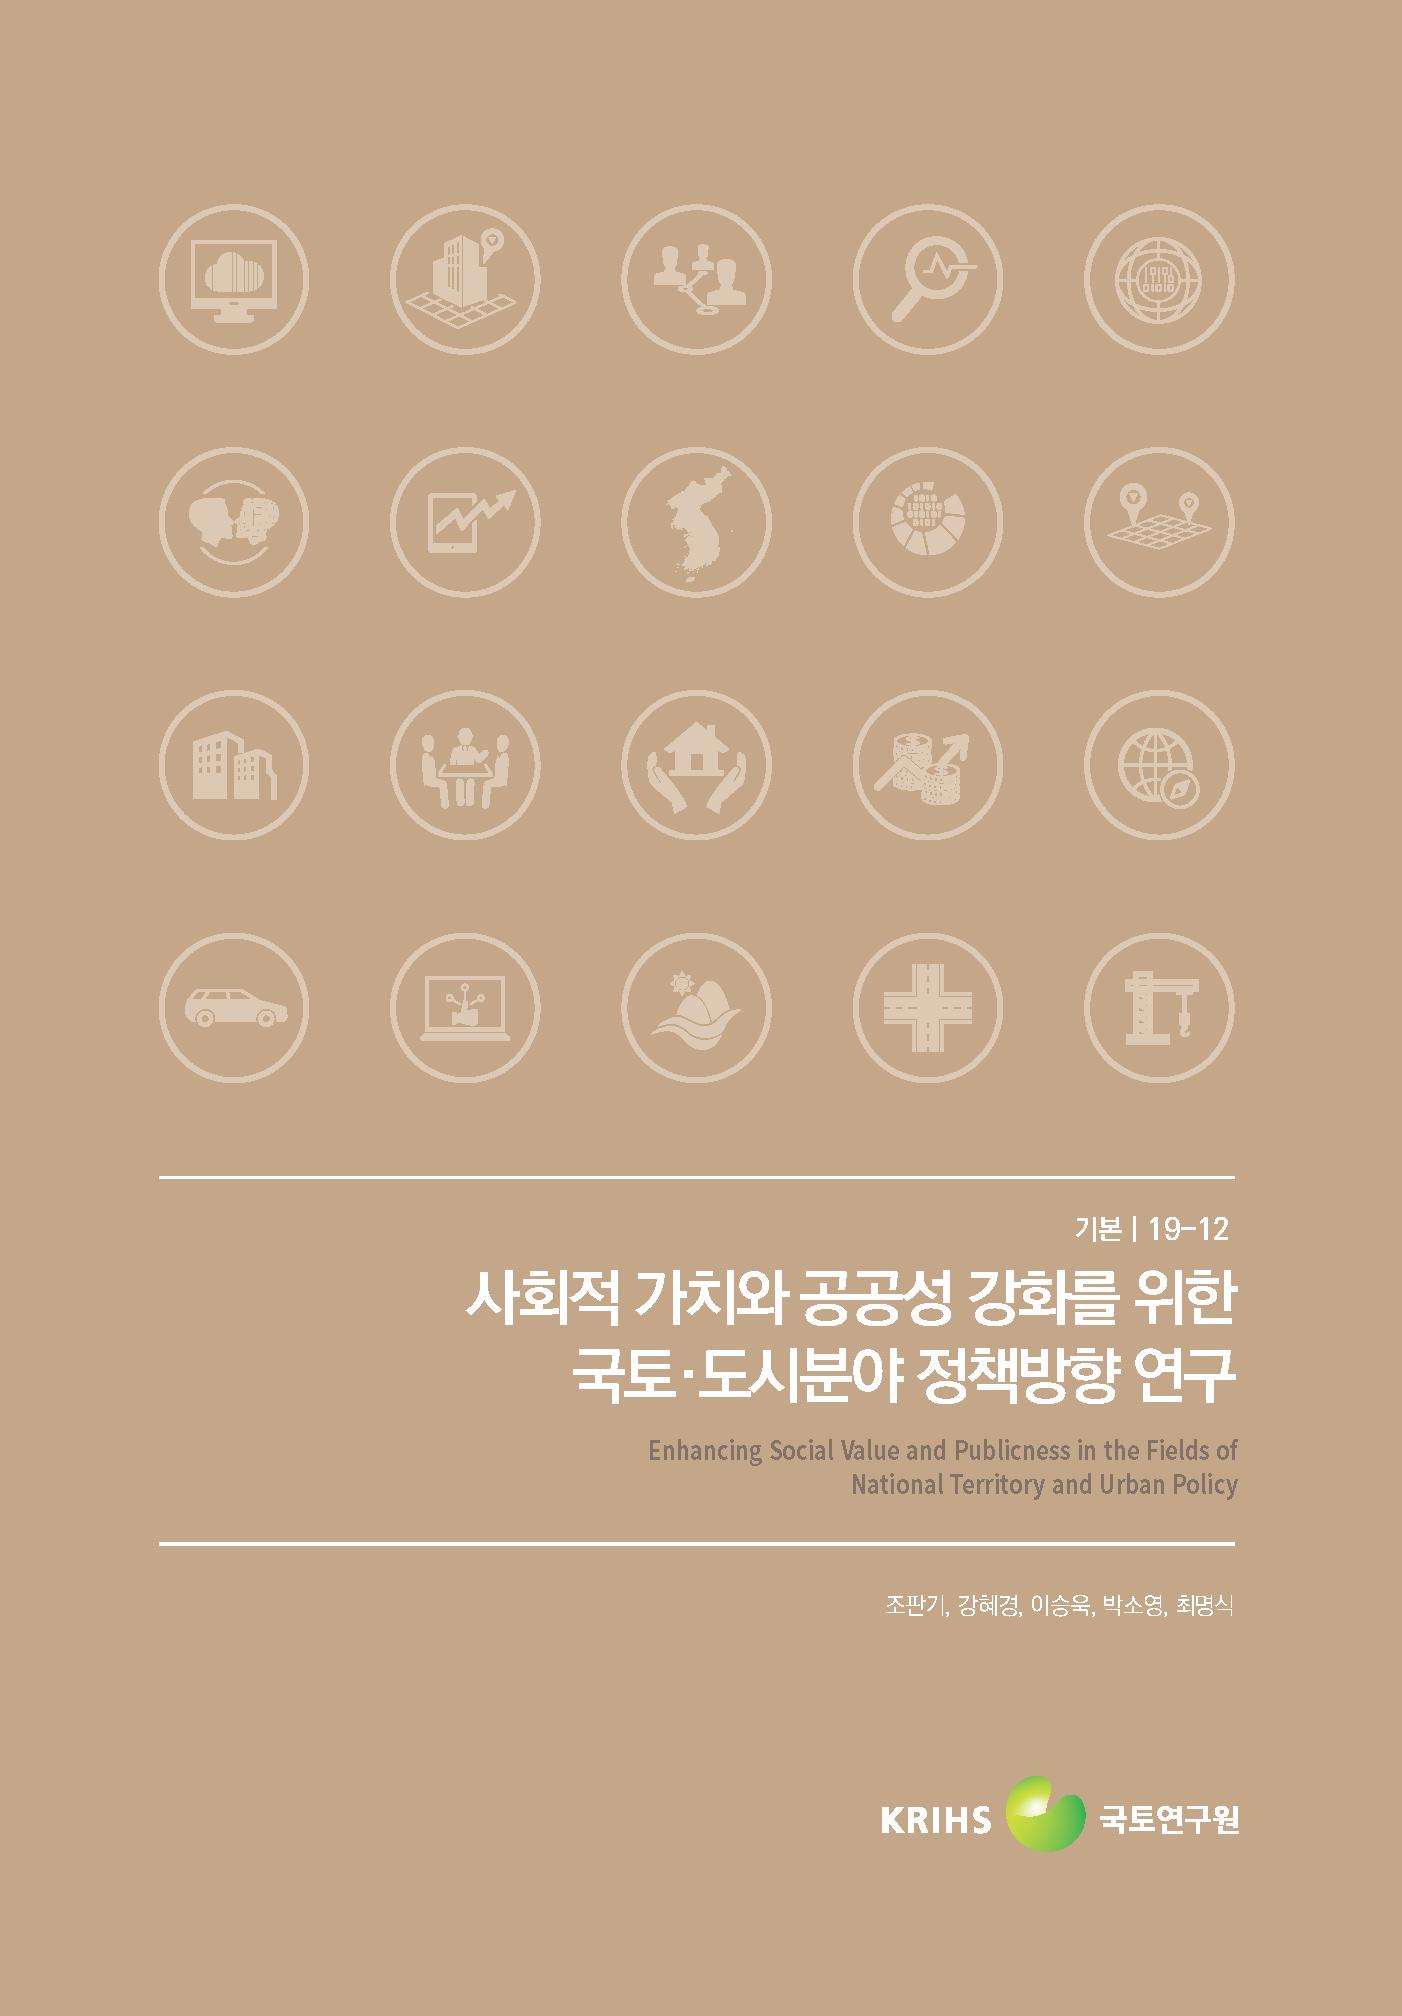 사회적 가치와 공공성 강화를 위한 국토·도시분야 정책방향 연구표지